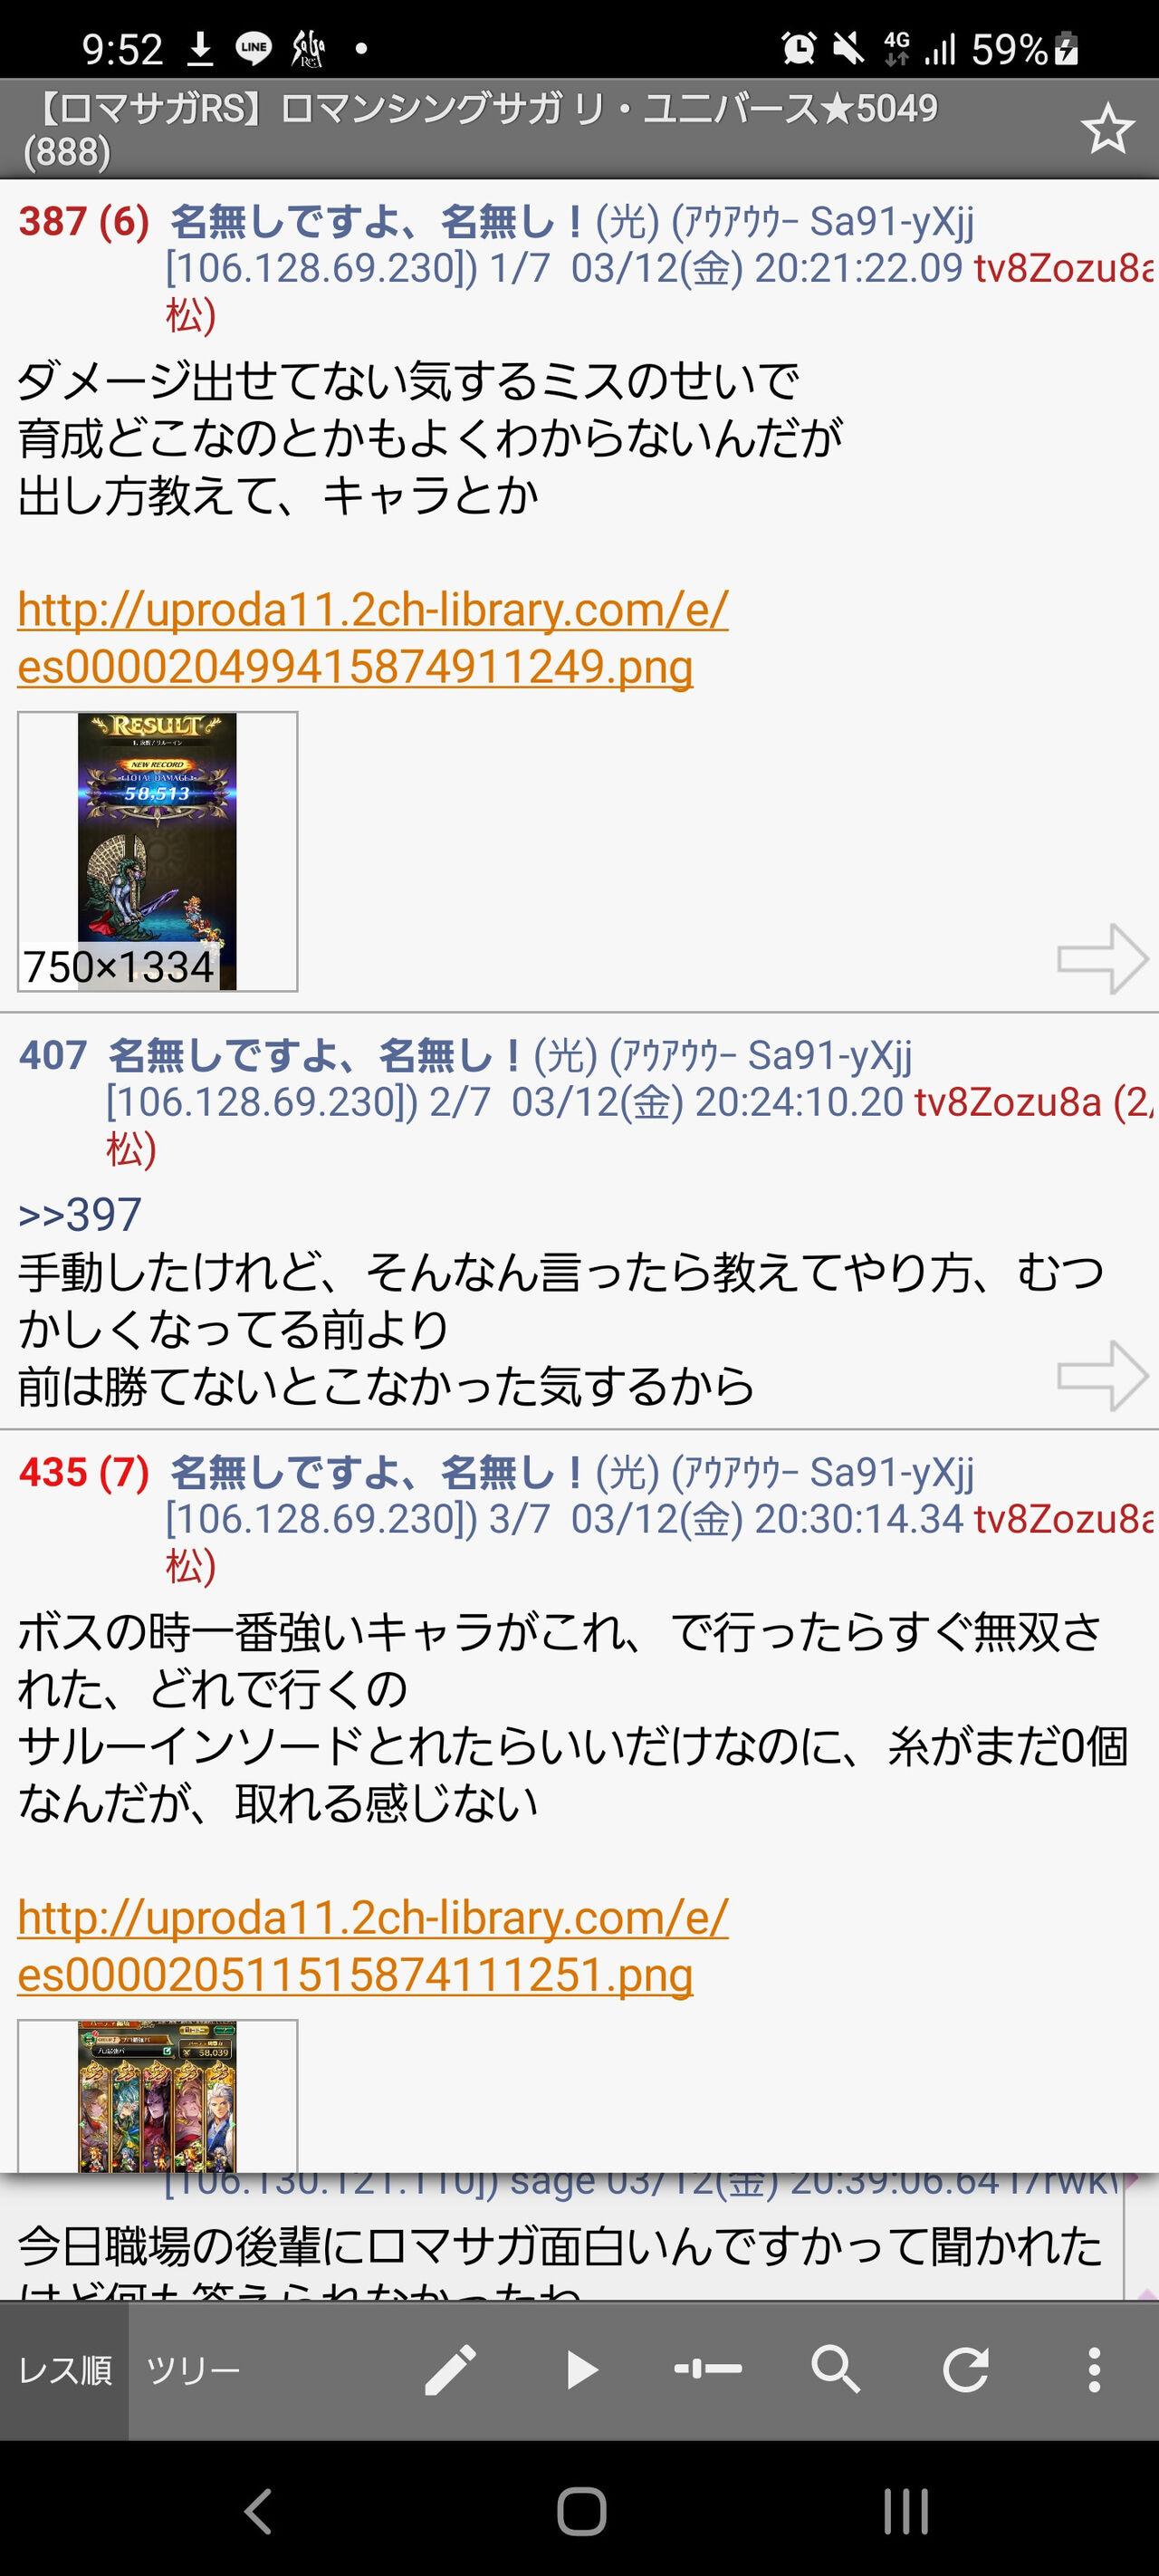 ロマンシングサ ガリ ユニバース 2ch